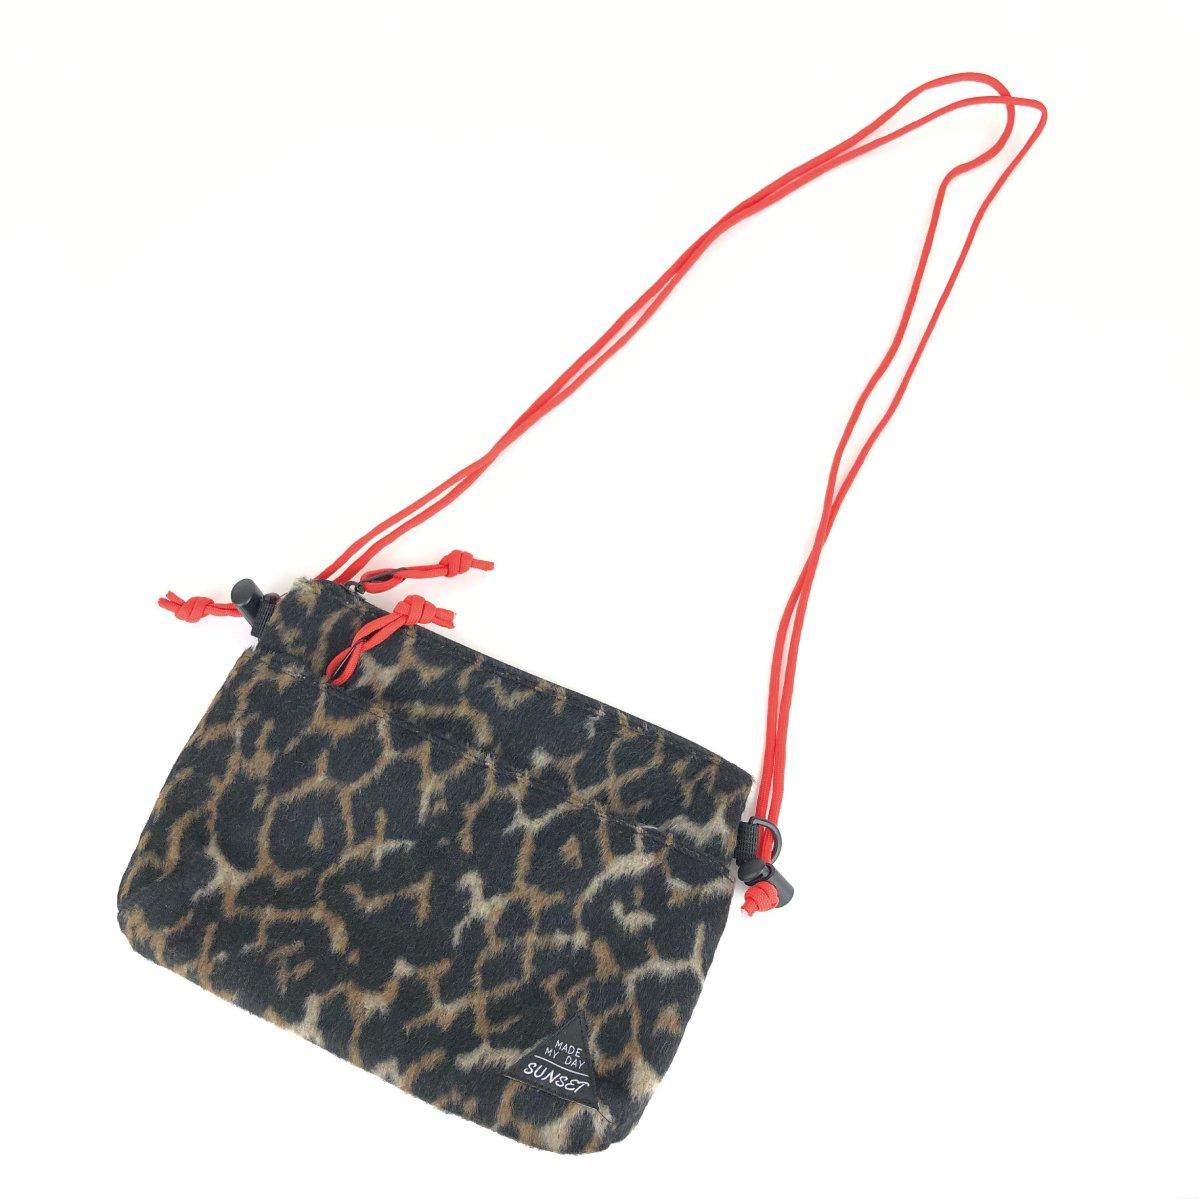 【KIDS】Animal Sacoche Bag 詳細画像1